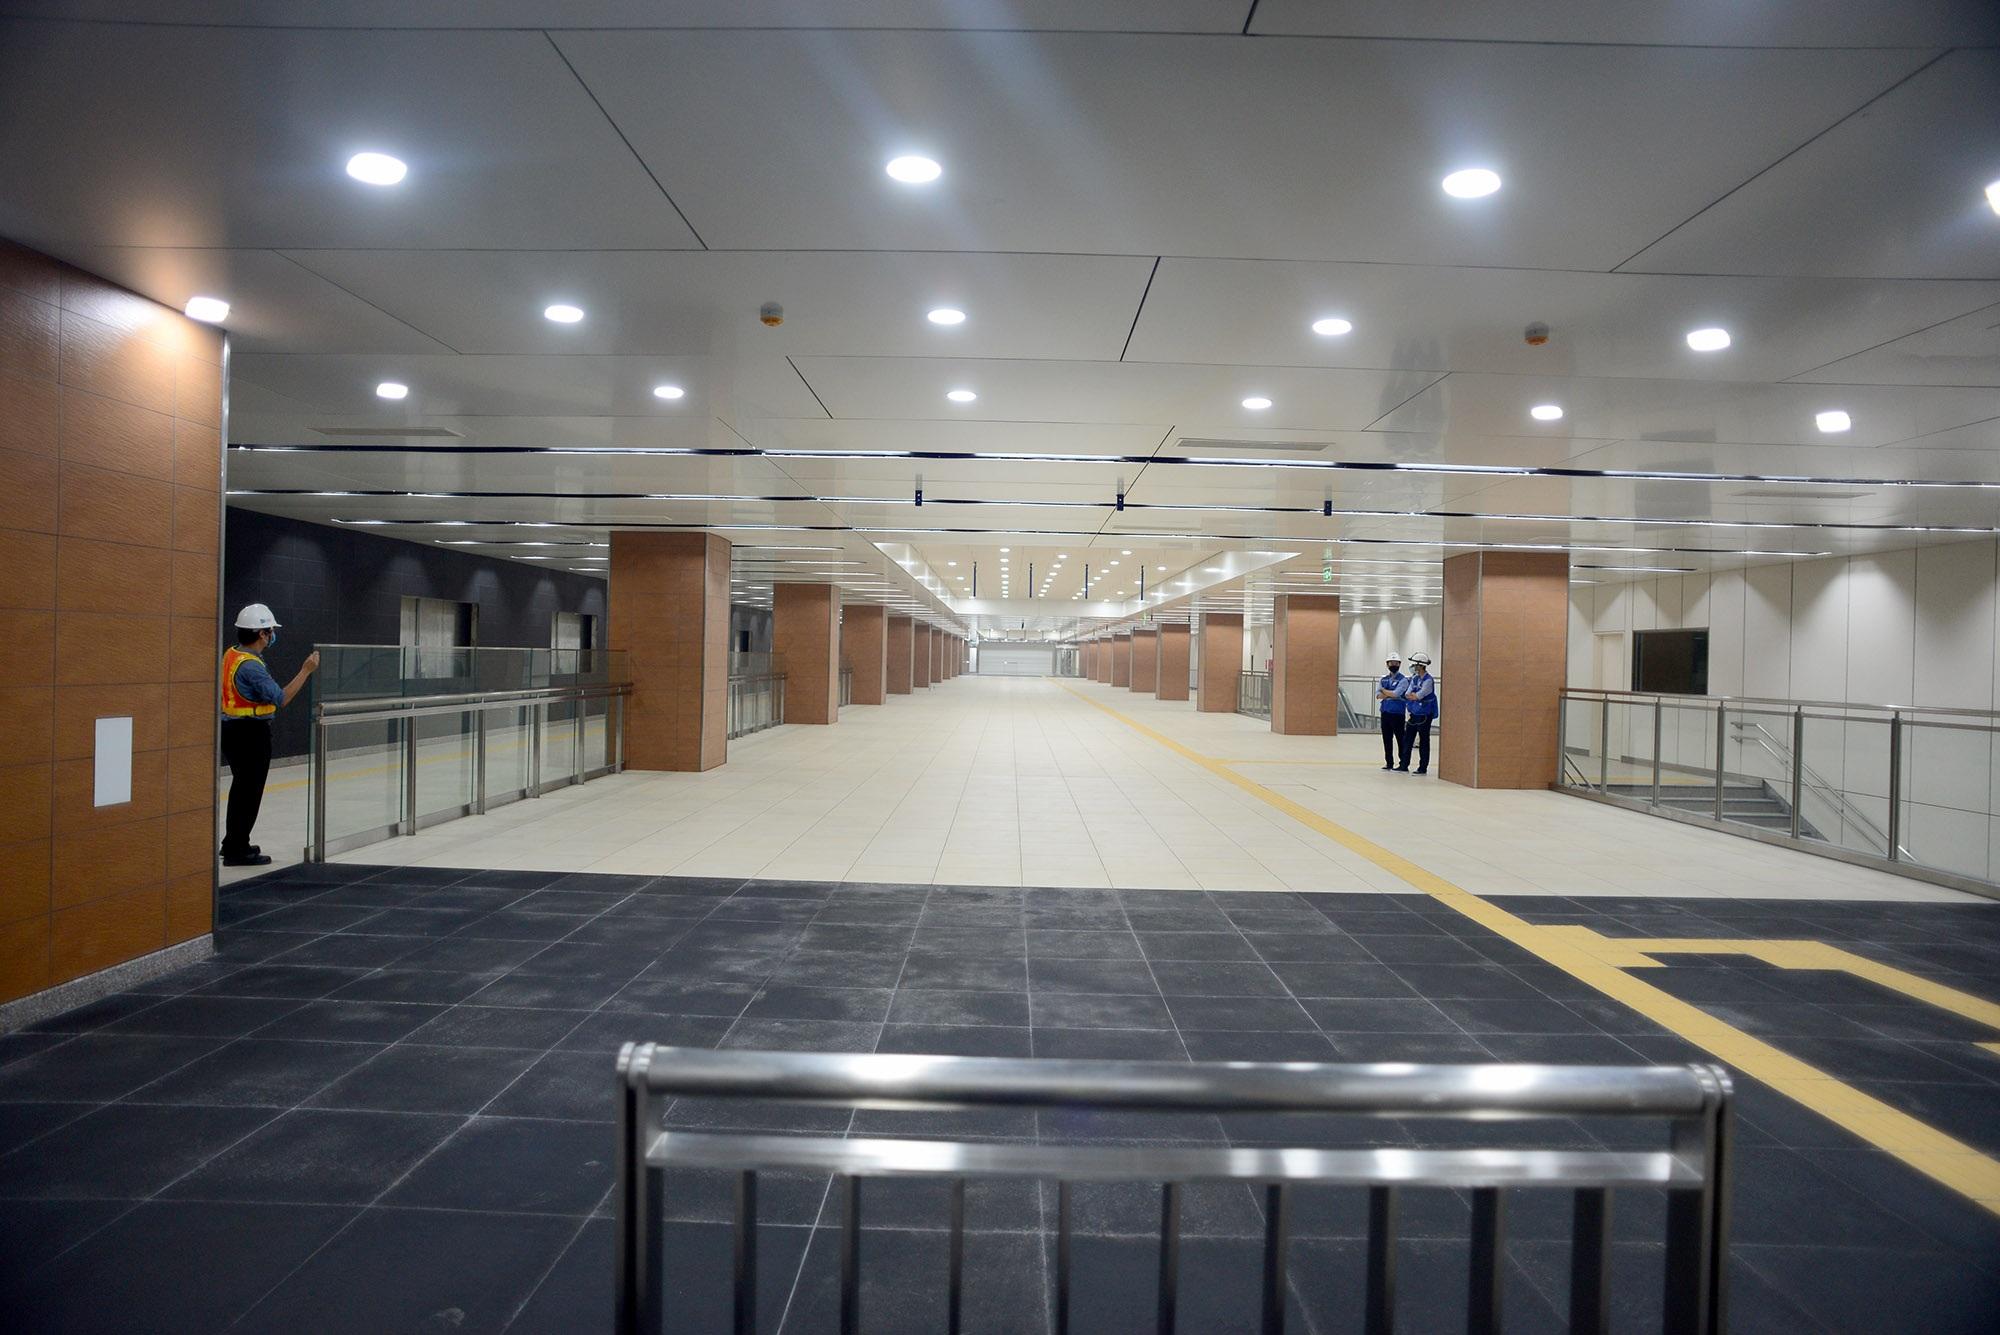 Ngắm toàn cảnh tuyến metro đầu tiên của TPHCM - 7